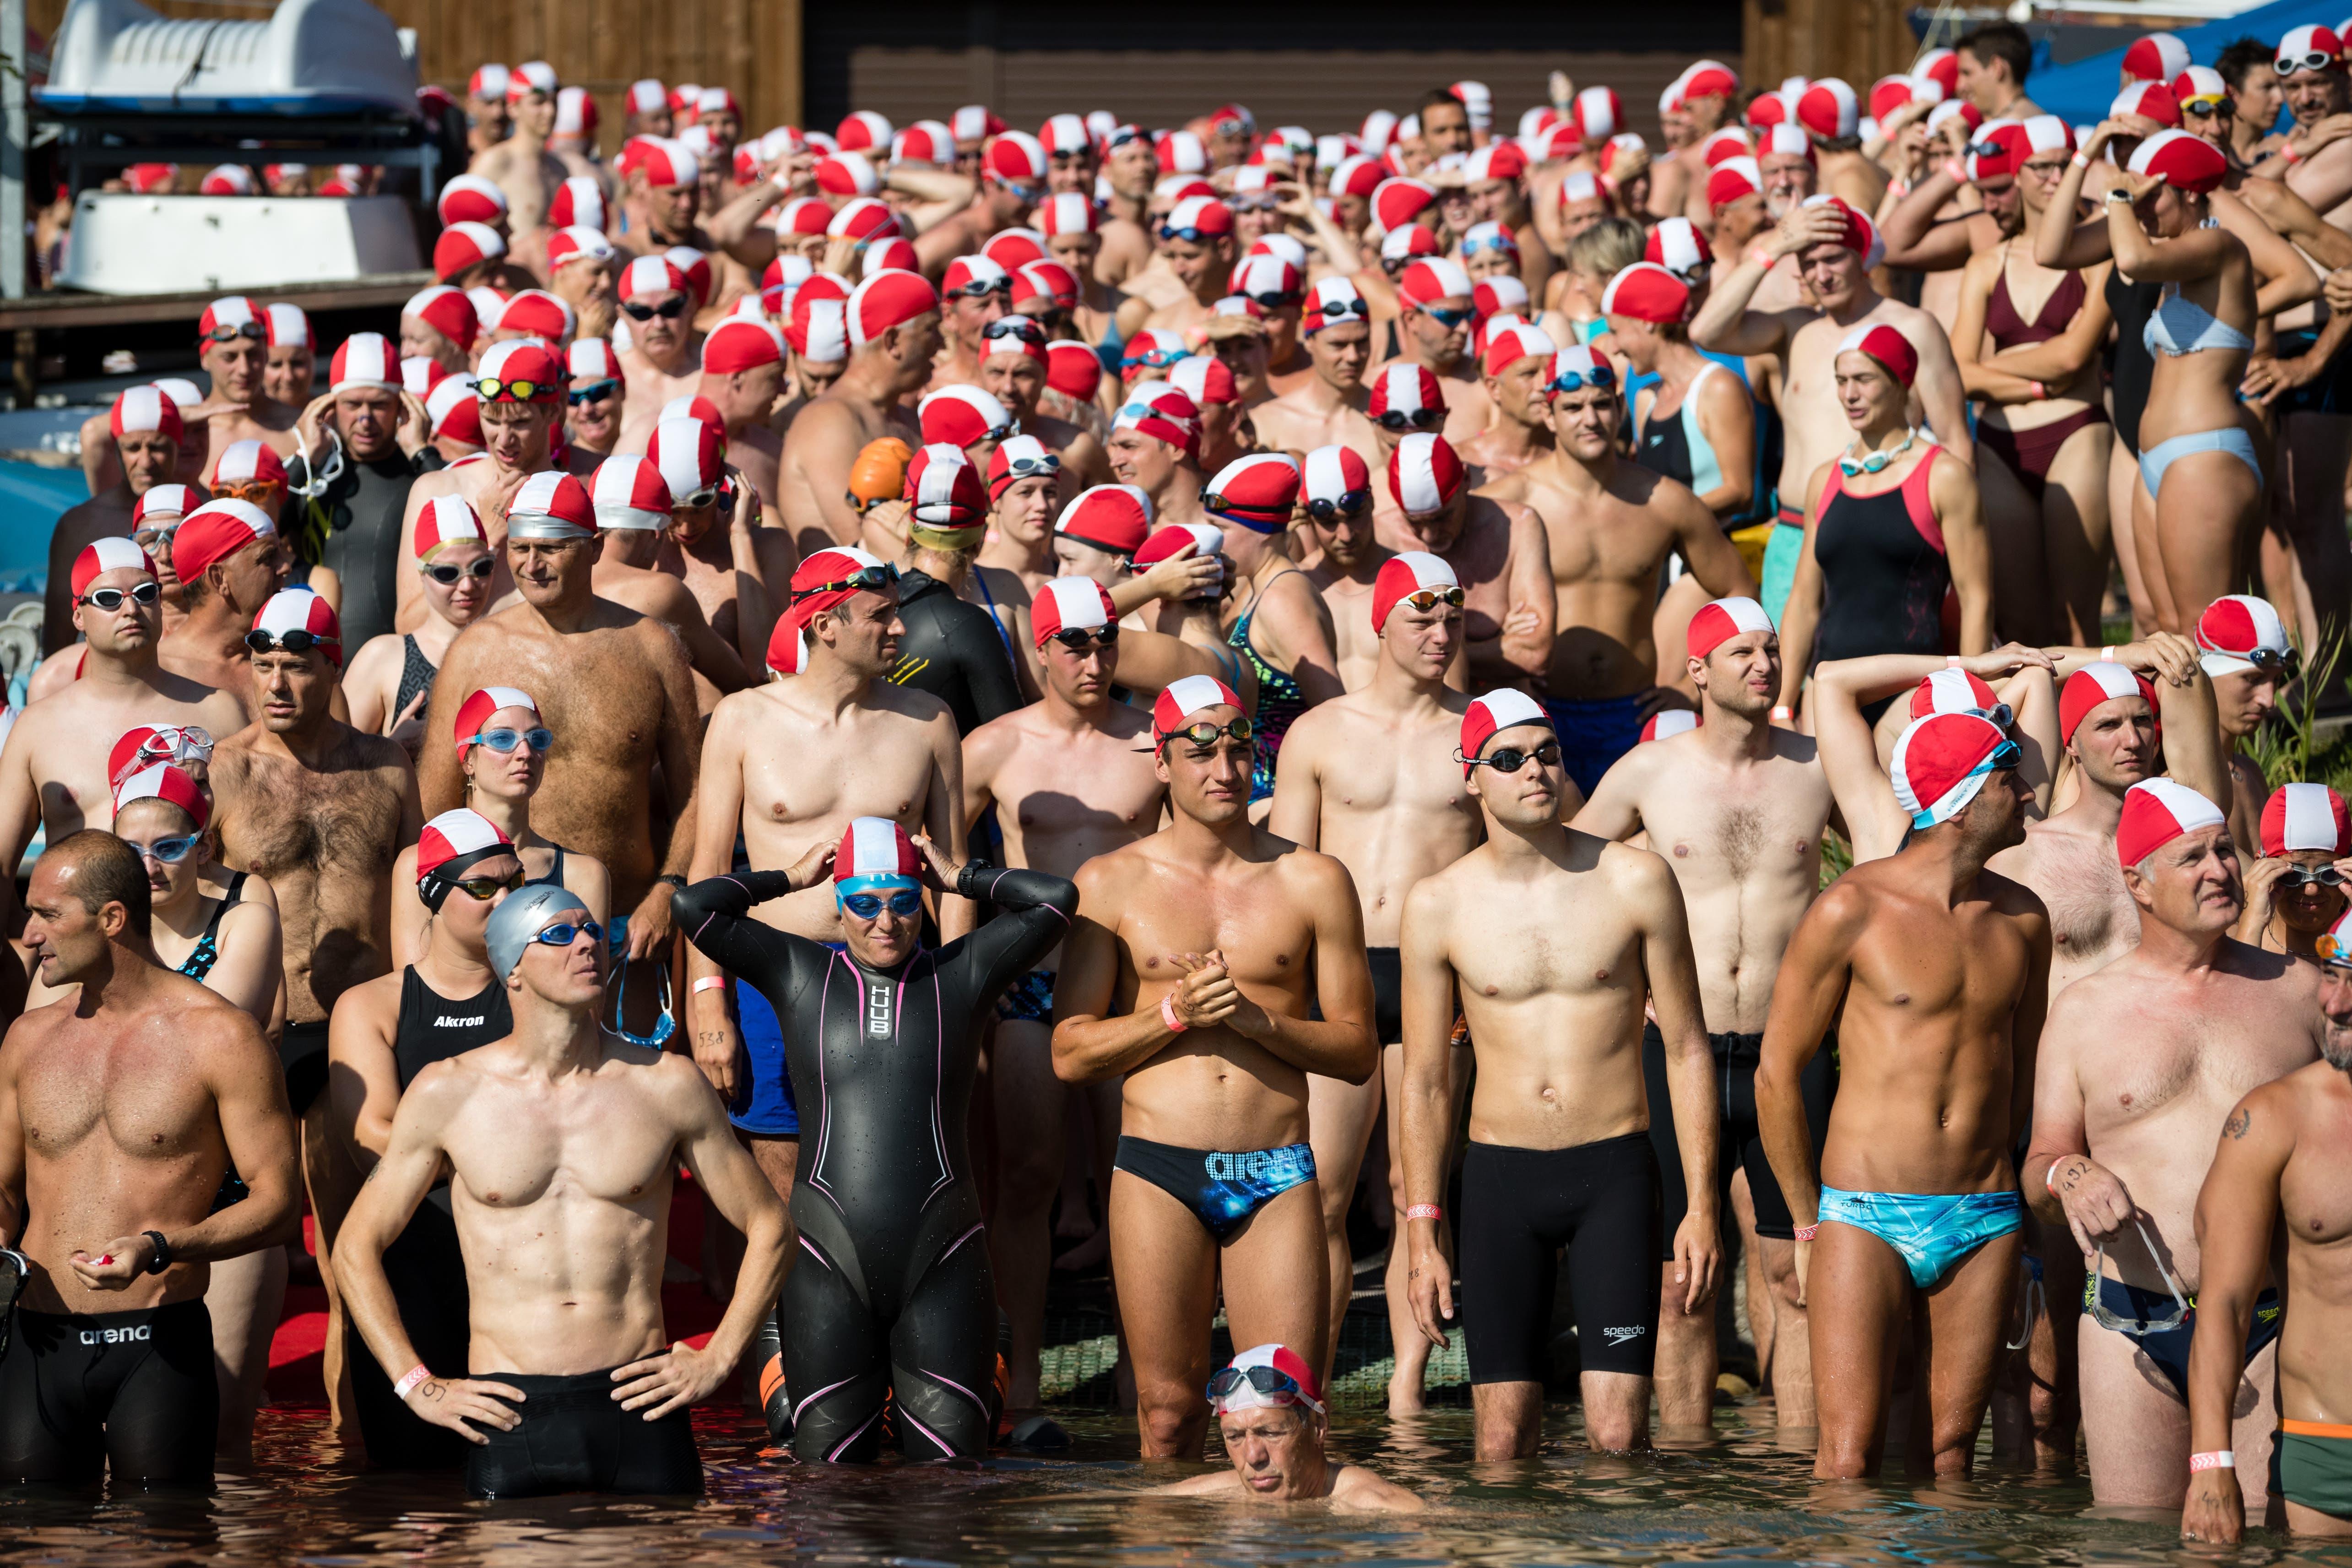 565 Schwimmer wagten sich am Sonntagmorgen um 9.45 Uhr beim Yachthafen in Nottwil ins Wasser für die Überquerung des Sempachersees. (Bild: Philipp Schmidli, 4. August 2019)